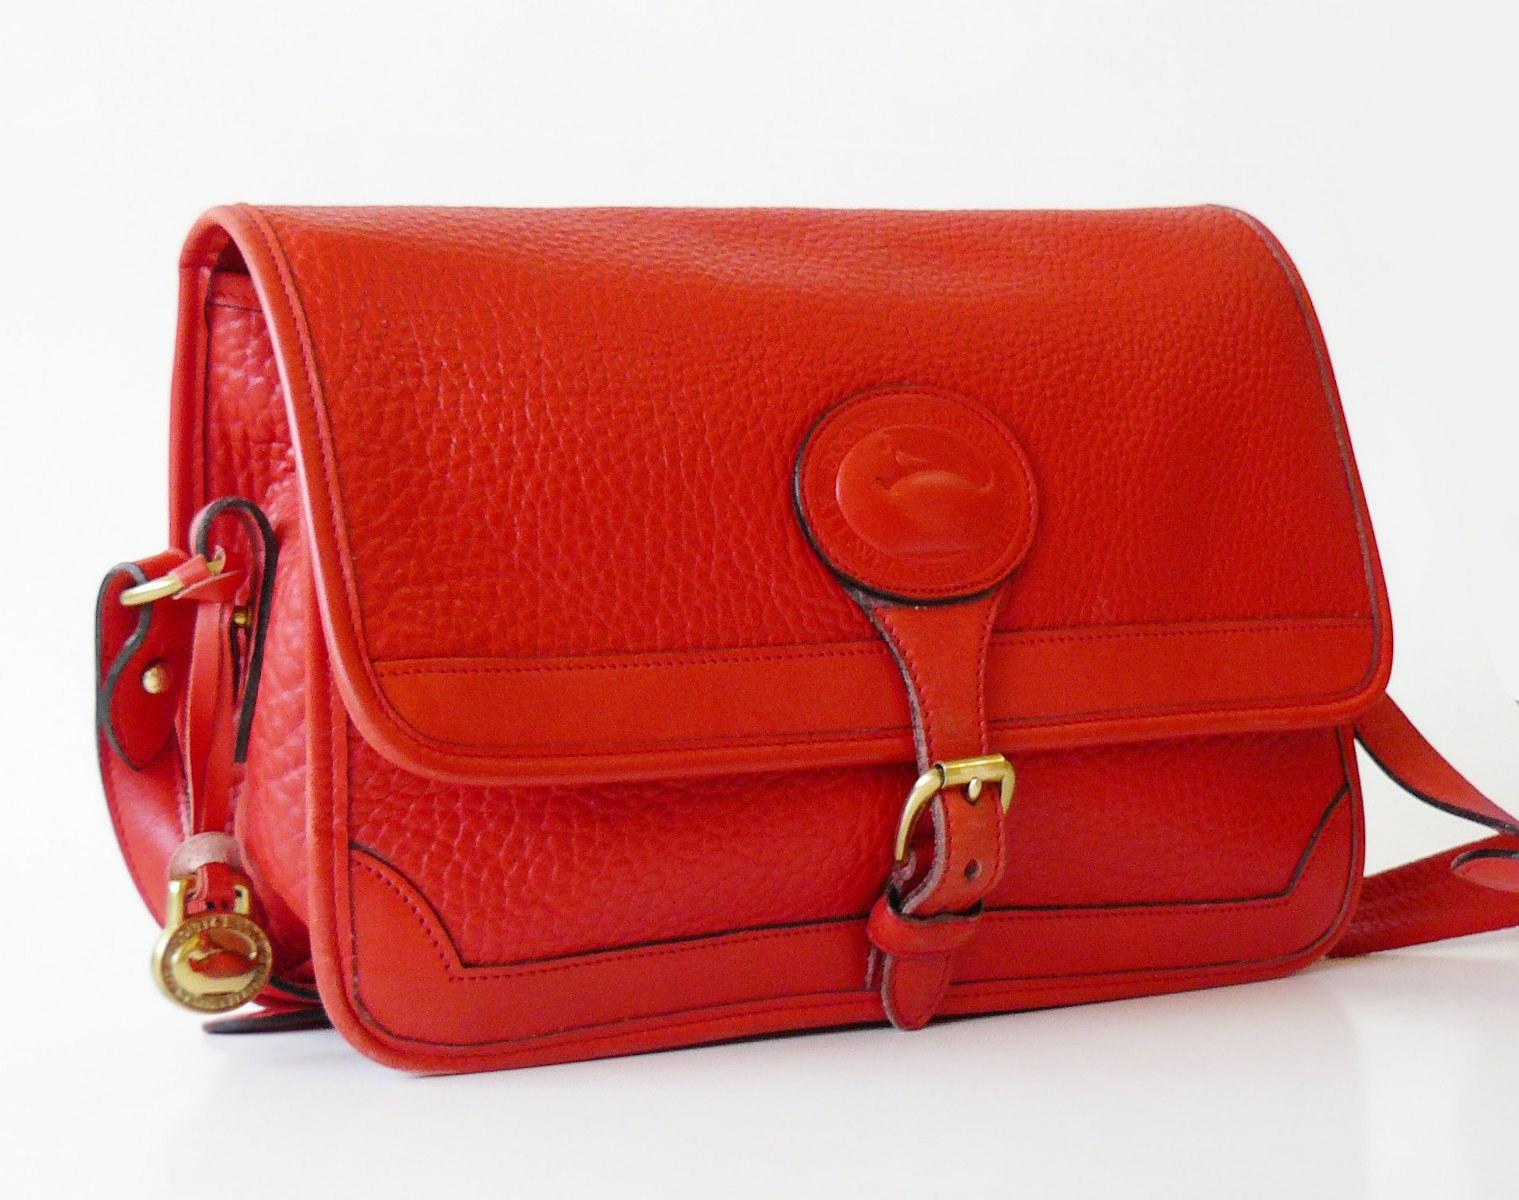 Dooney & Bourke Surrey Watermelon Red AWL Large Messenger Shoulder Bag image 3